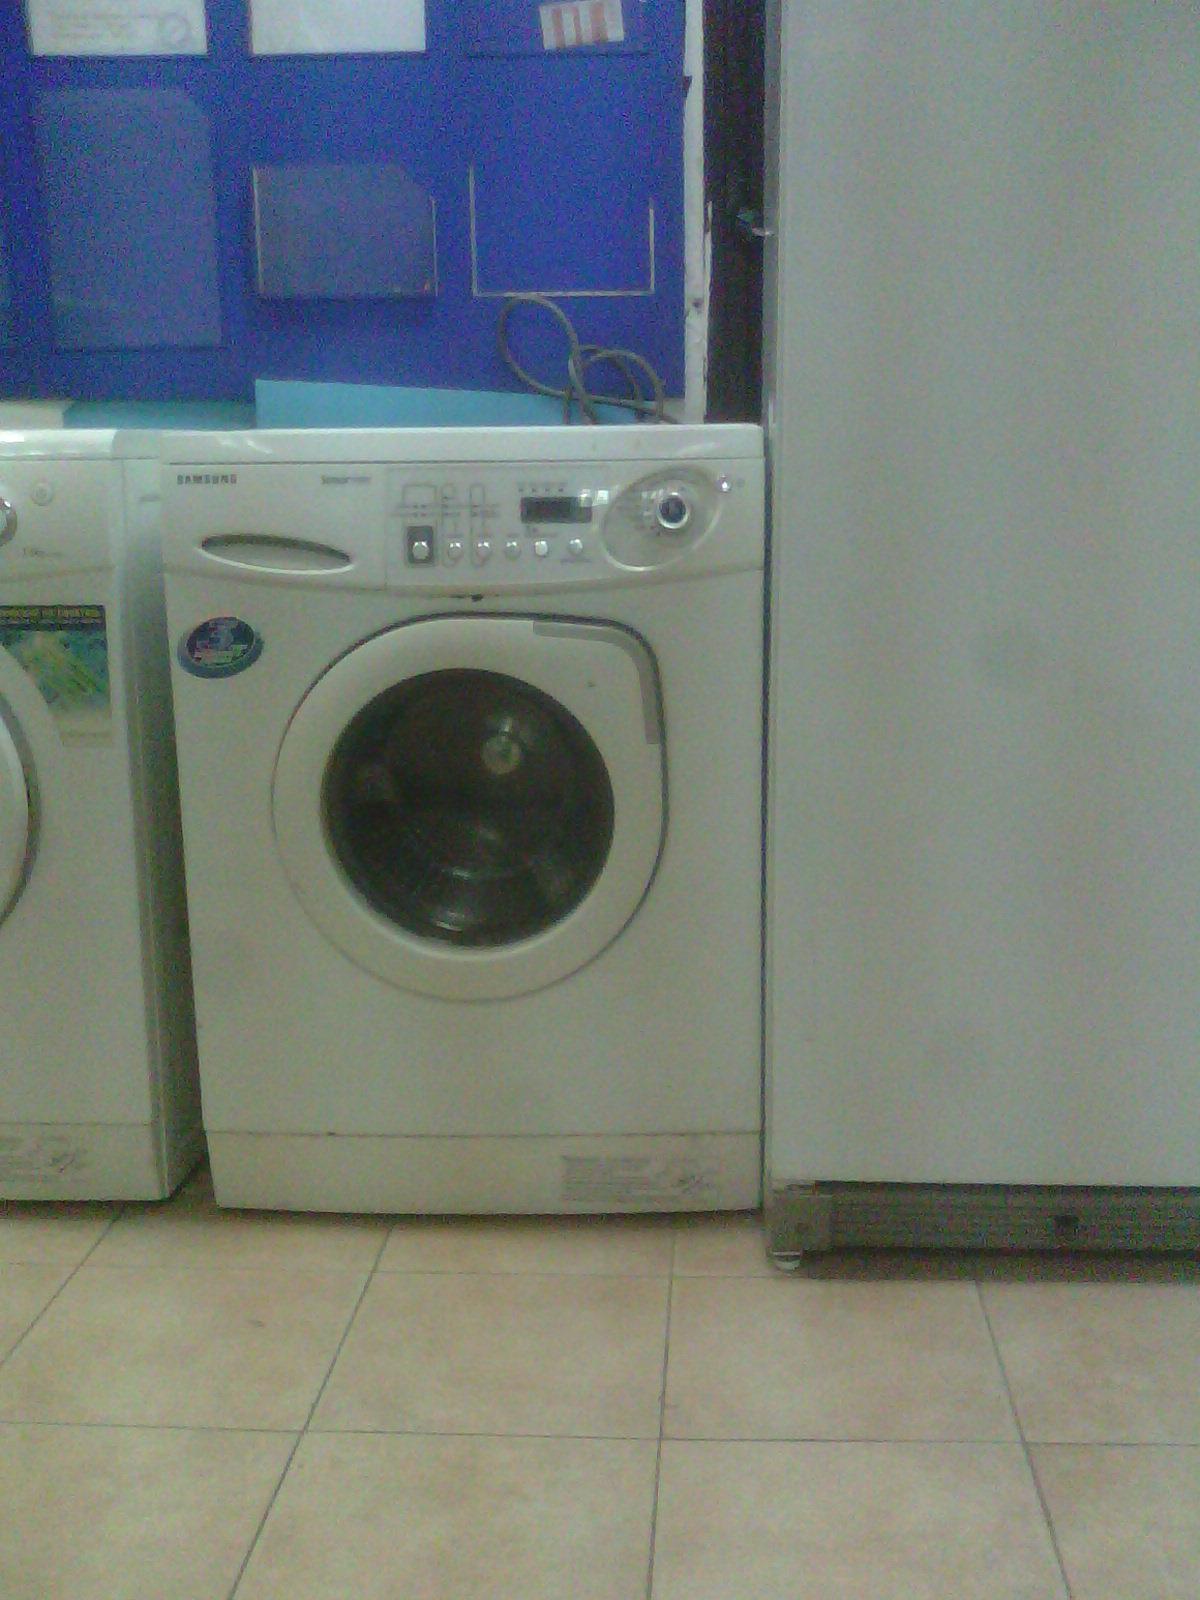 Ремонт стиральной машины bauknecht жд отчеты о ремонте стиральной машины hotpoint-ariston aqs62l 09